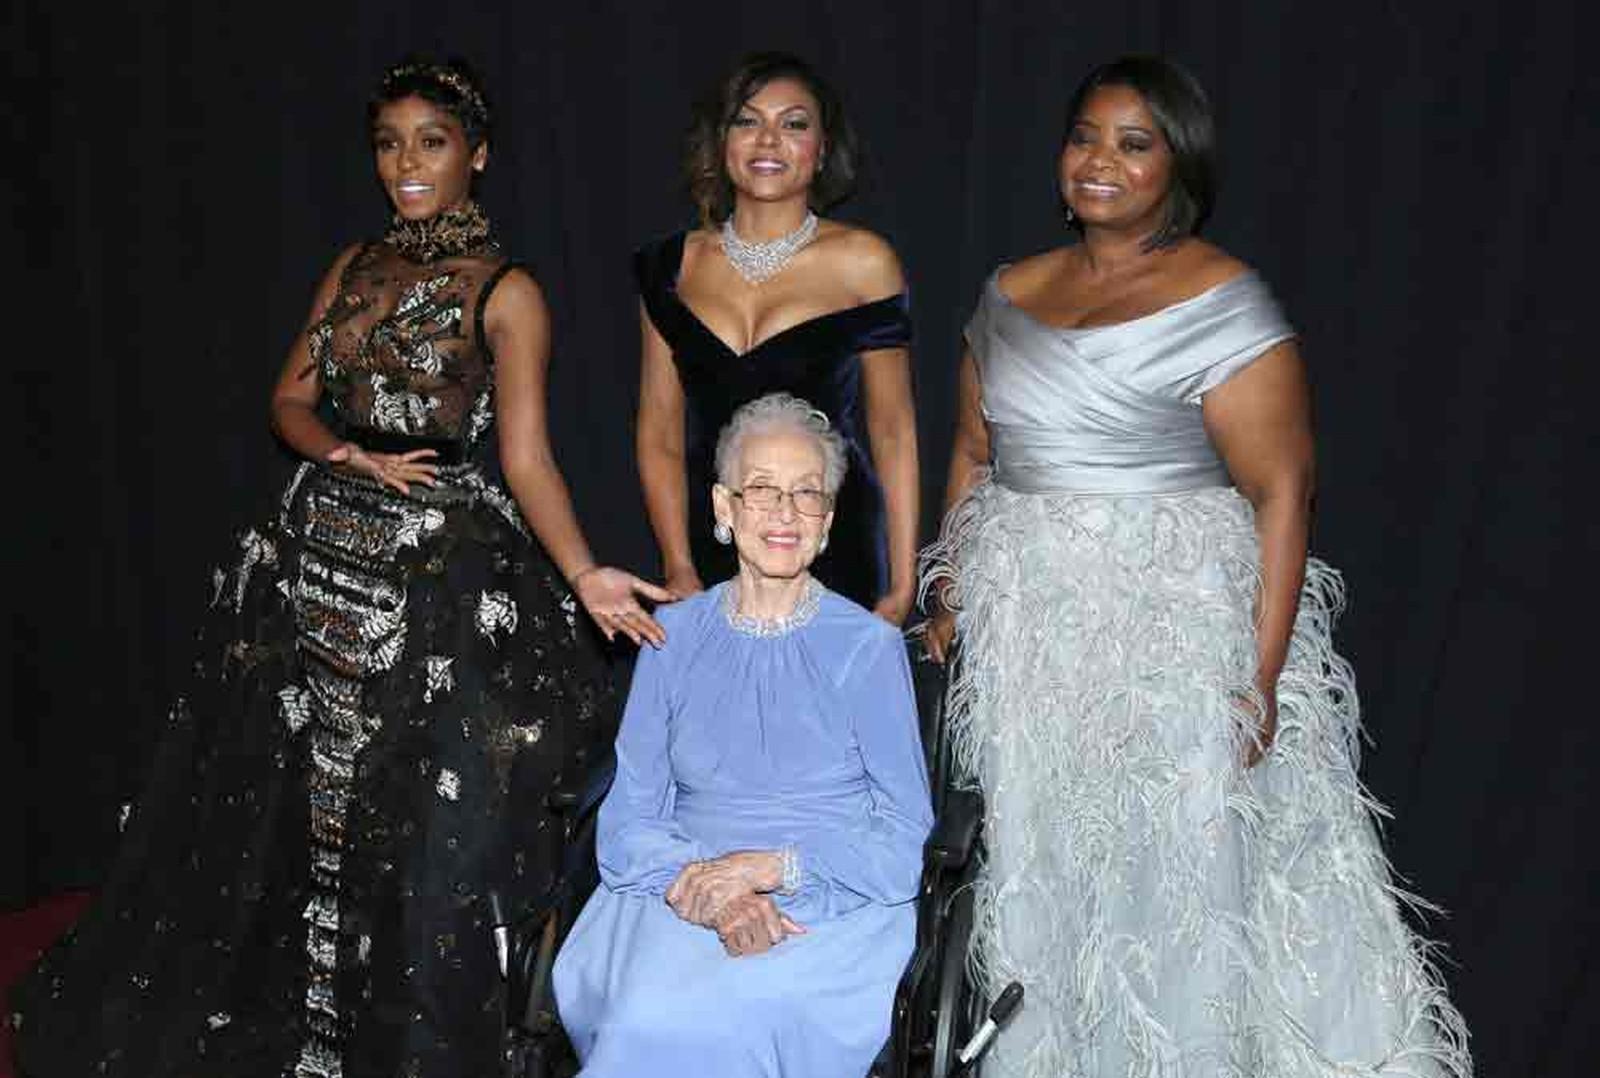 Da esq. para a dir.: Janelle Monae, Taraji P. Henson e Octavia Spencer com a cientista Katherine Johnson (sentada) durante a cerimônia do Oscar